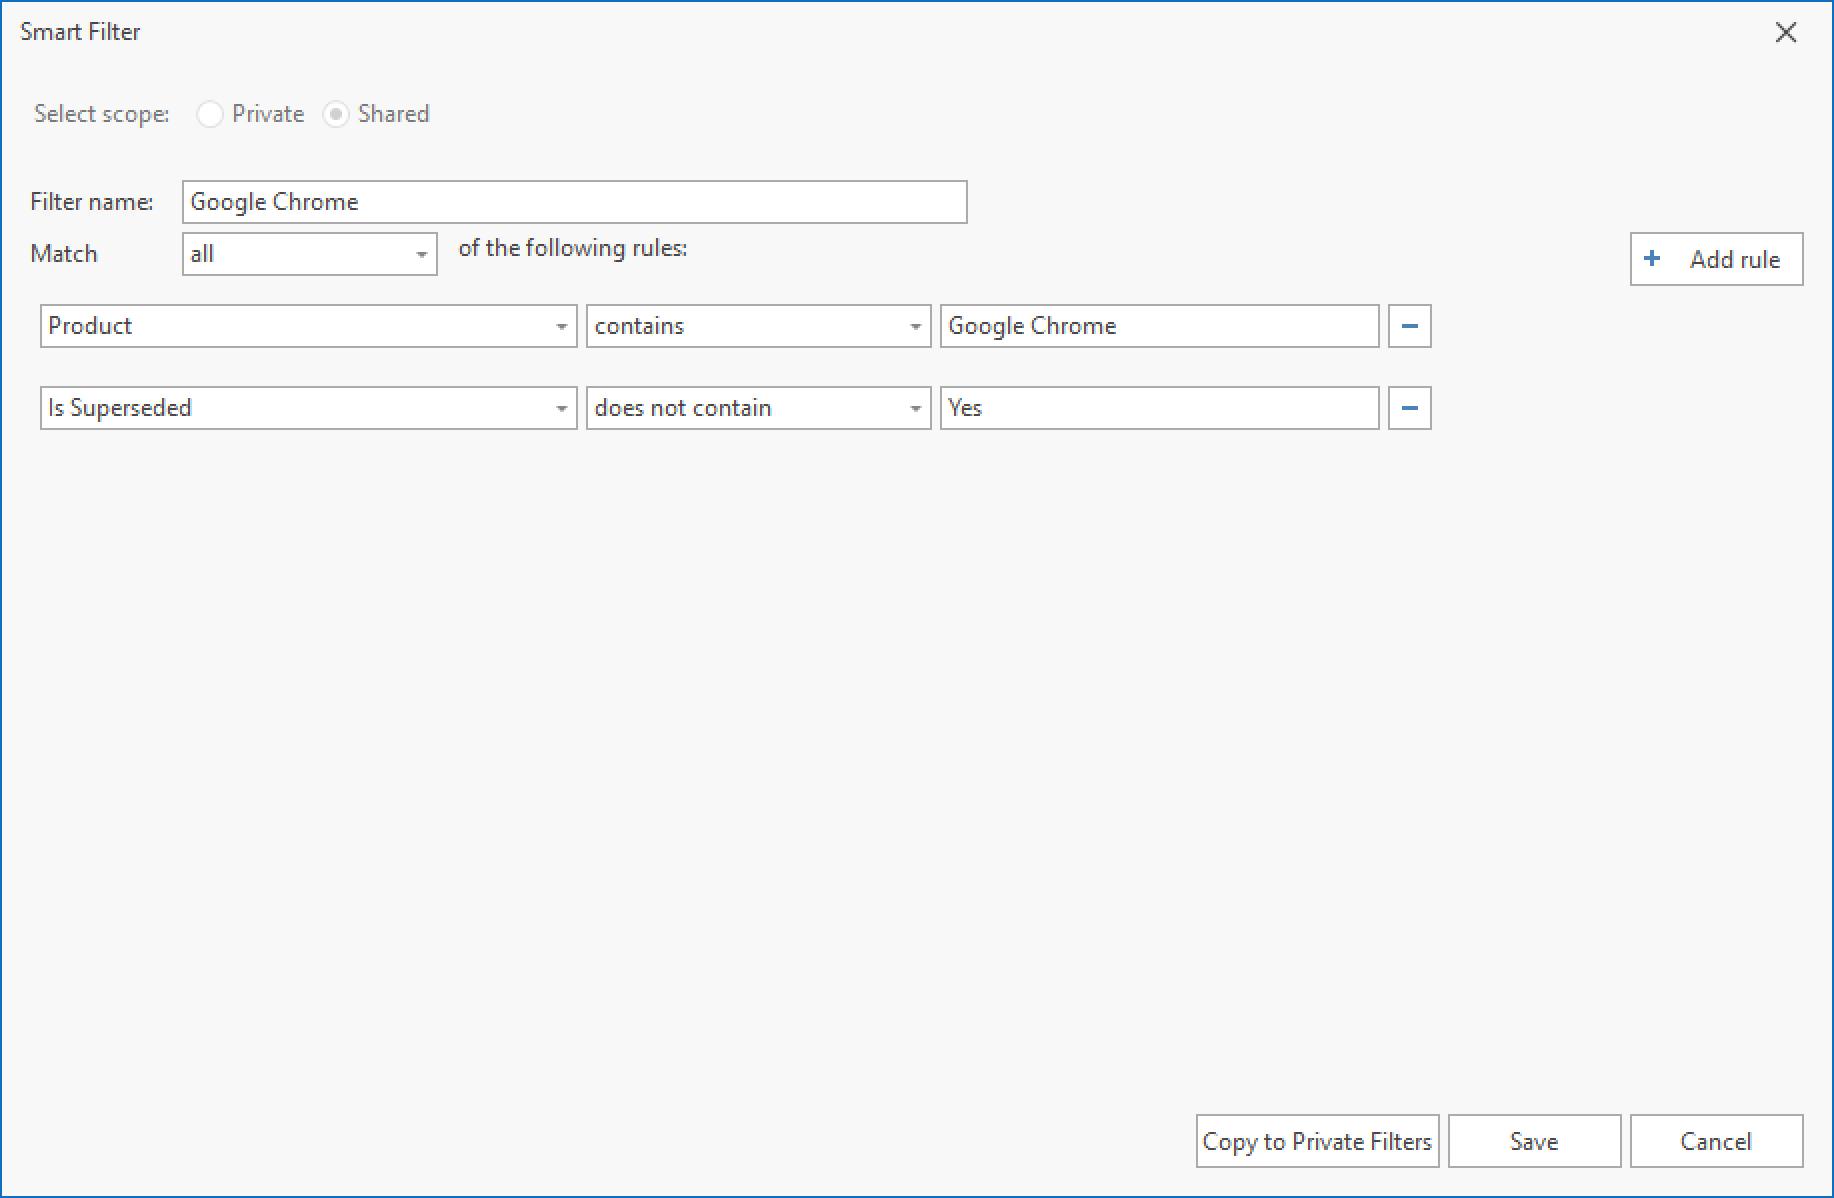 Google Chrome Smart Filter